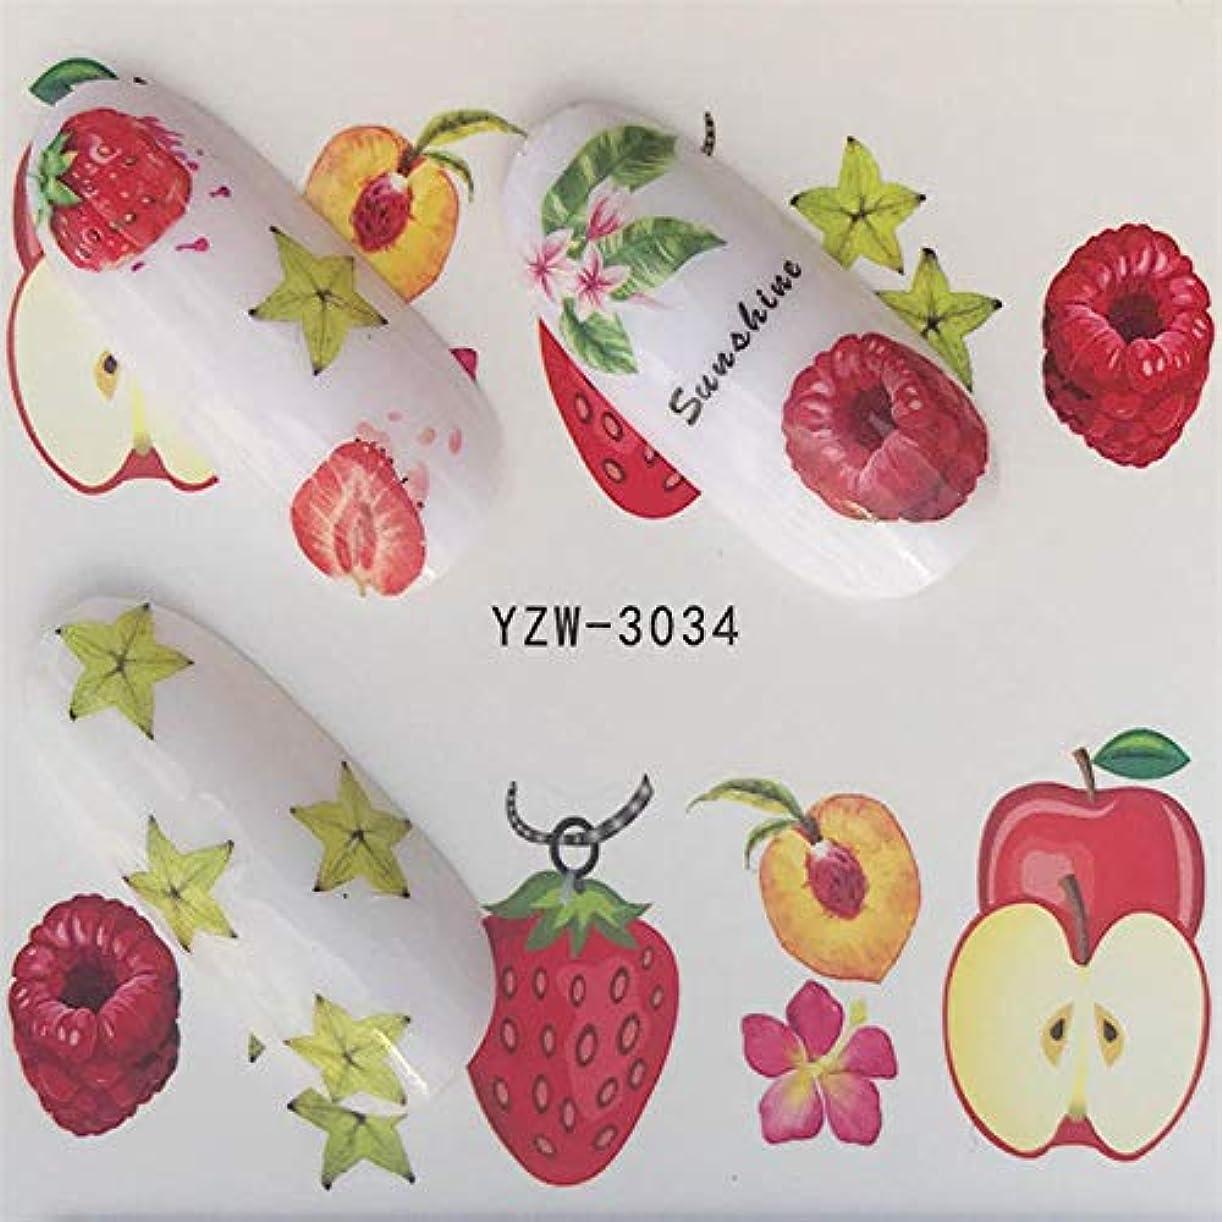 散らす海応じるSUKTI&XIAO ネイルステッカー 1ピース漫画フラミンゴ/花/果物水転写ステッカーネイルアートデカールラップヒントマニキュアツール、Yzw-3034